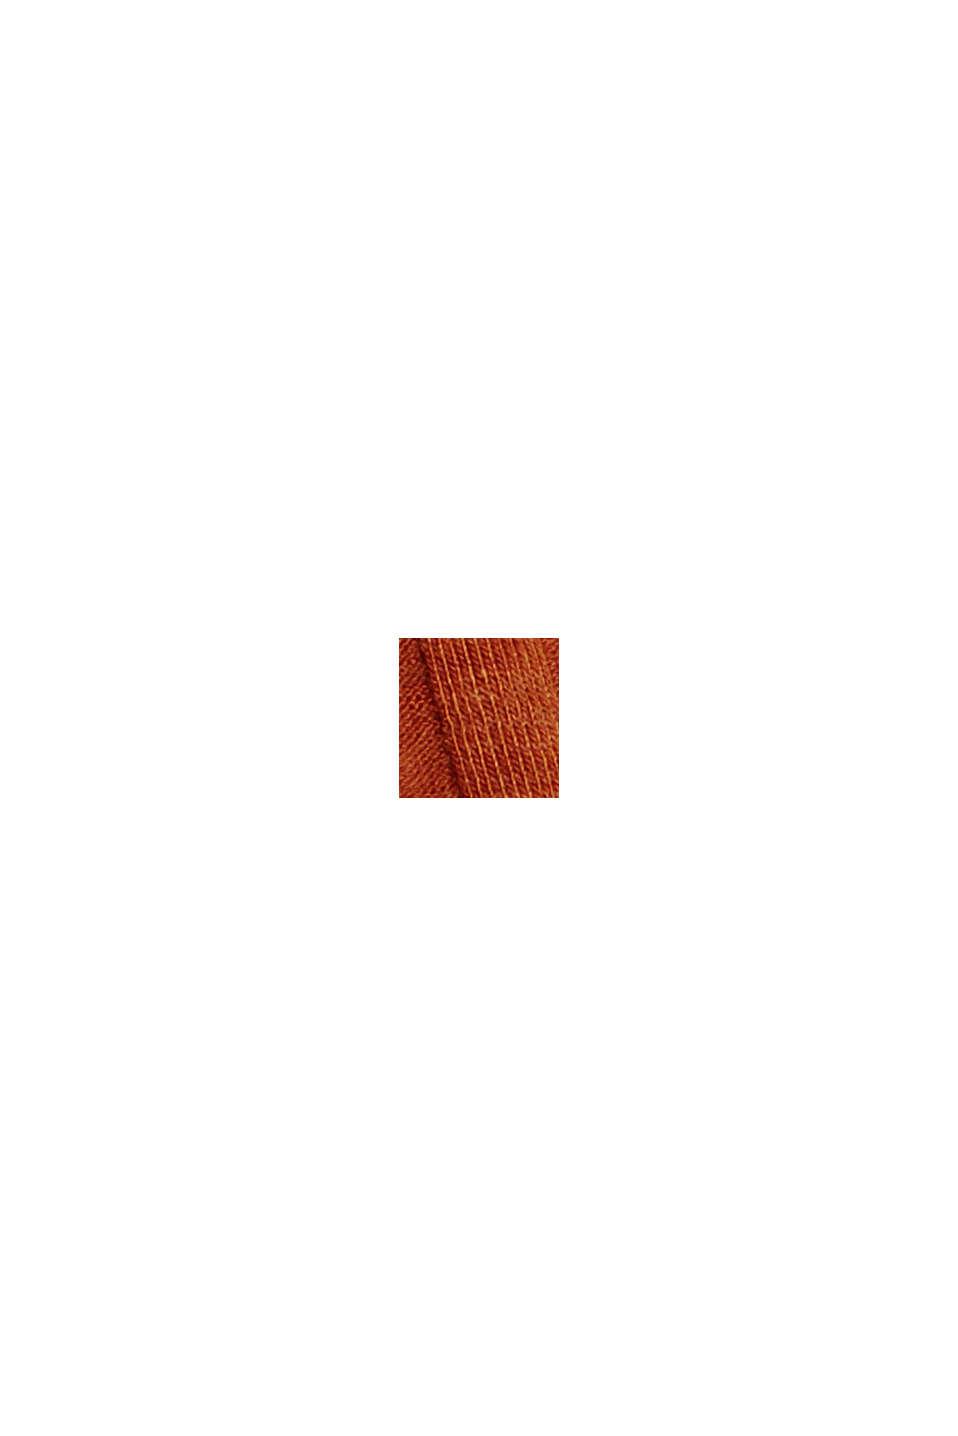 Af genanvendte materialer: Midi-jerseynederdel med ribstruktur, CARAMEL, swatch